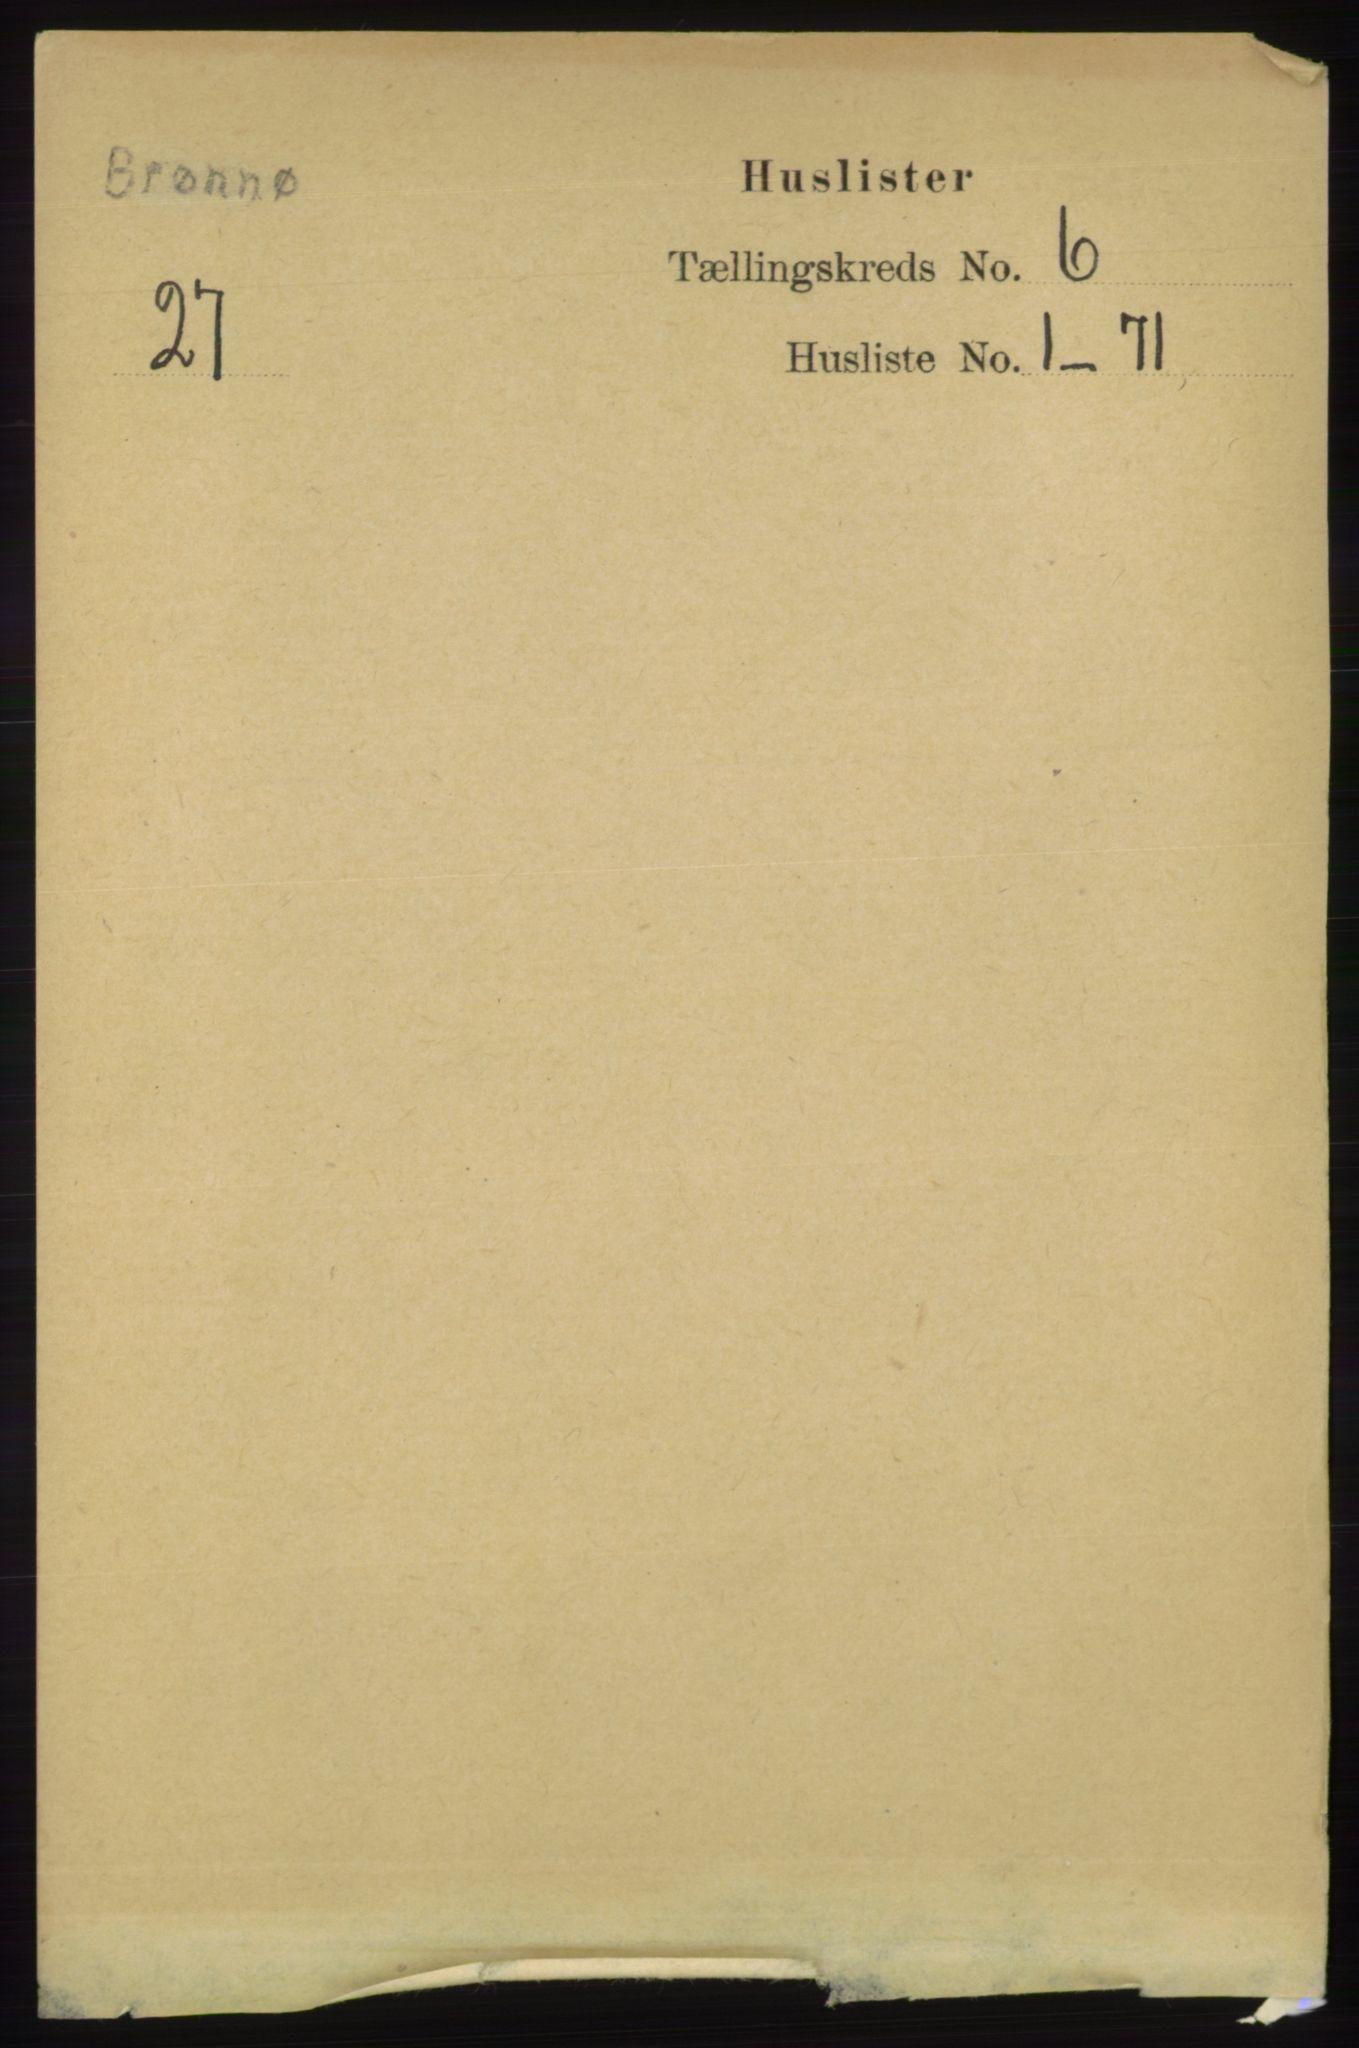 RA, Folketelling 1891 for 1814 Brønnøy herred, 1891, s. 3180